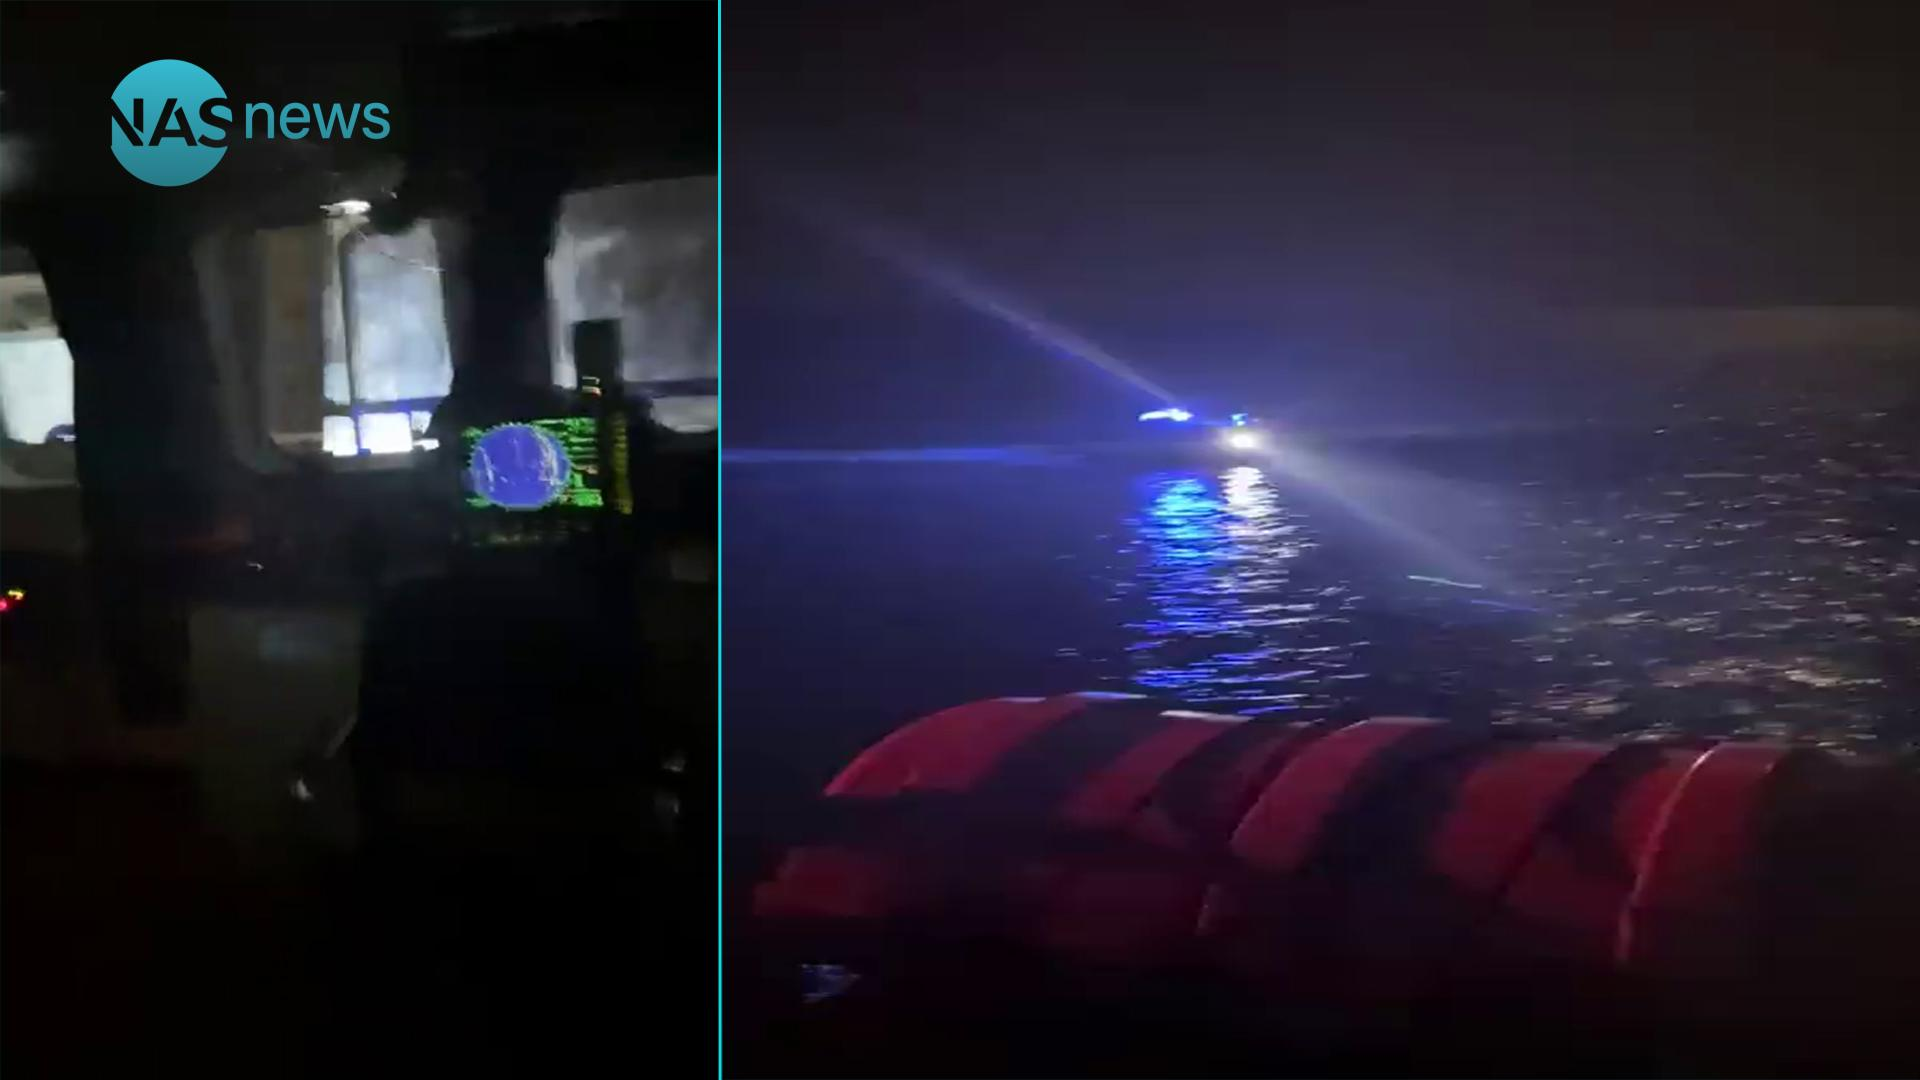 فيديو من داخل الزورق العراقي: قوة كويتية تعترض البحرية العراقية